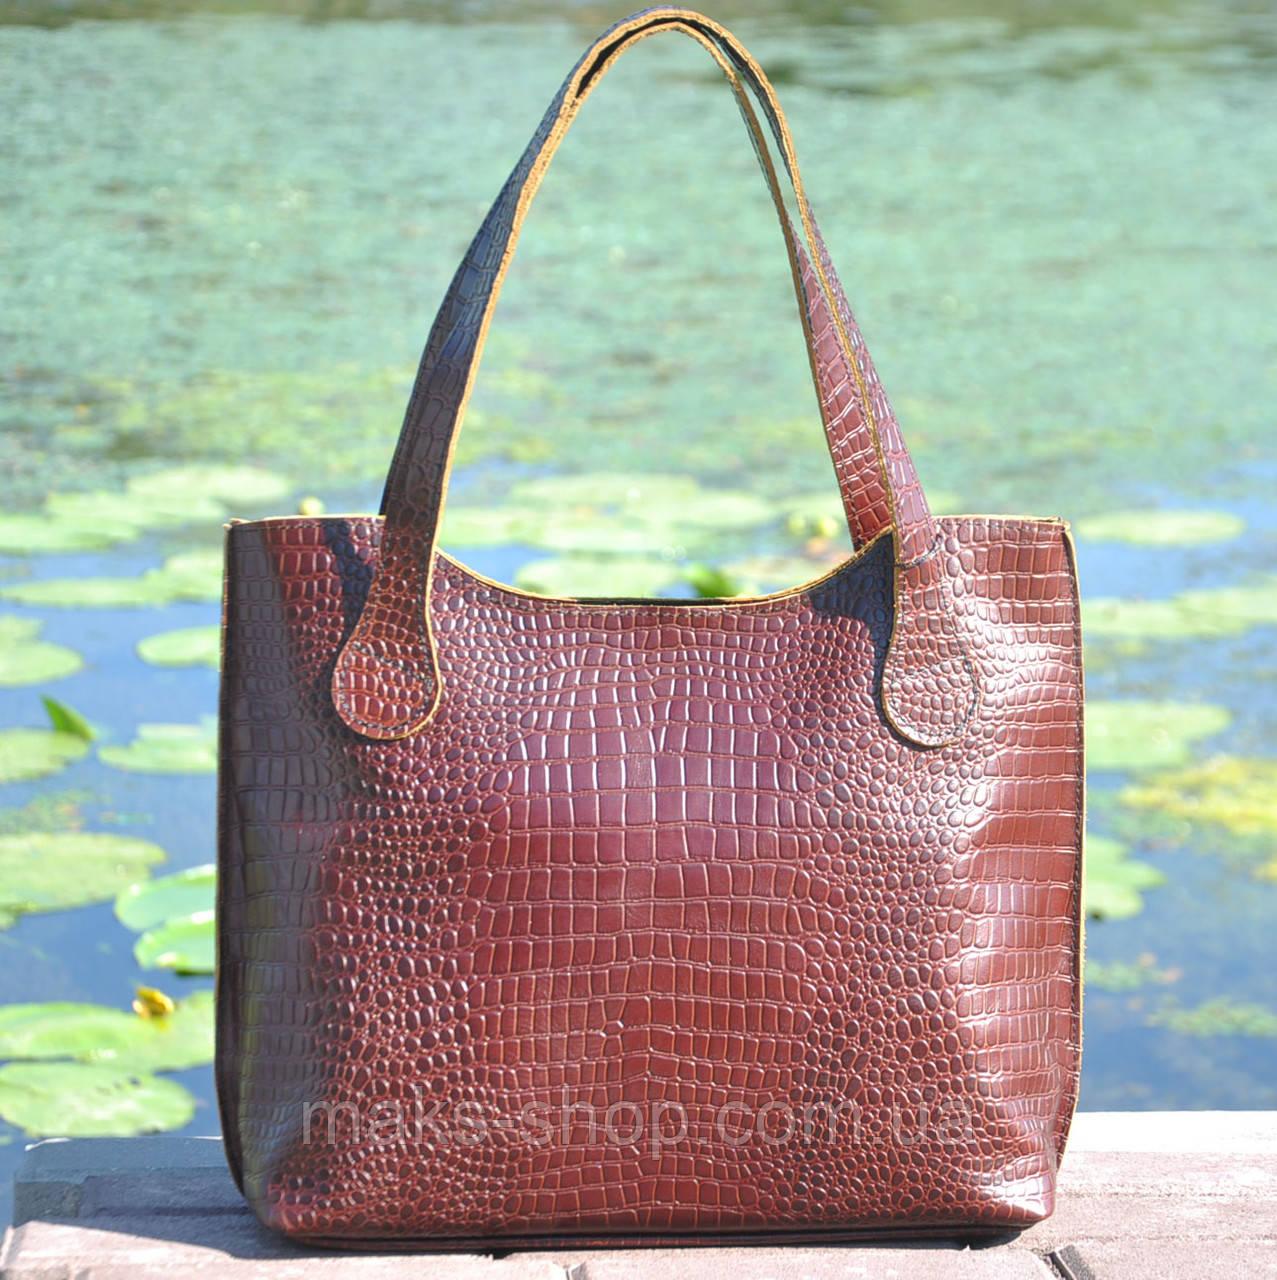 655f523aa1f6 Кожаная удобная и вместительная женская сумка Венеция крокодиловая  коричневая - Maks Shop- надежный и перспективный